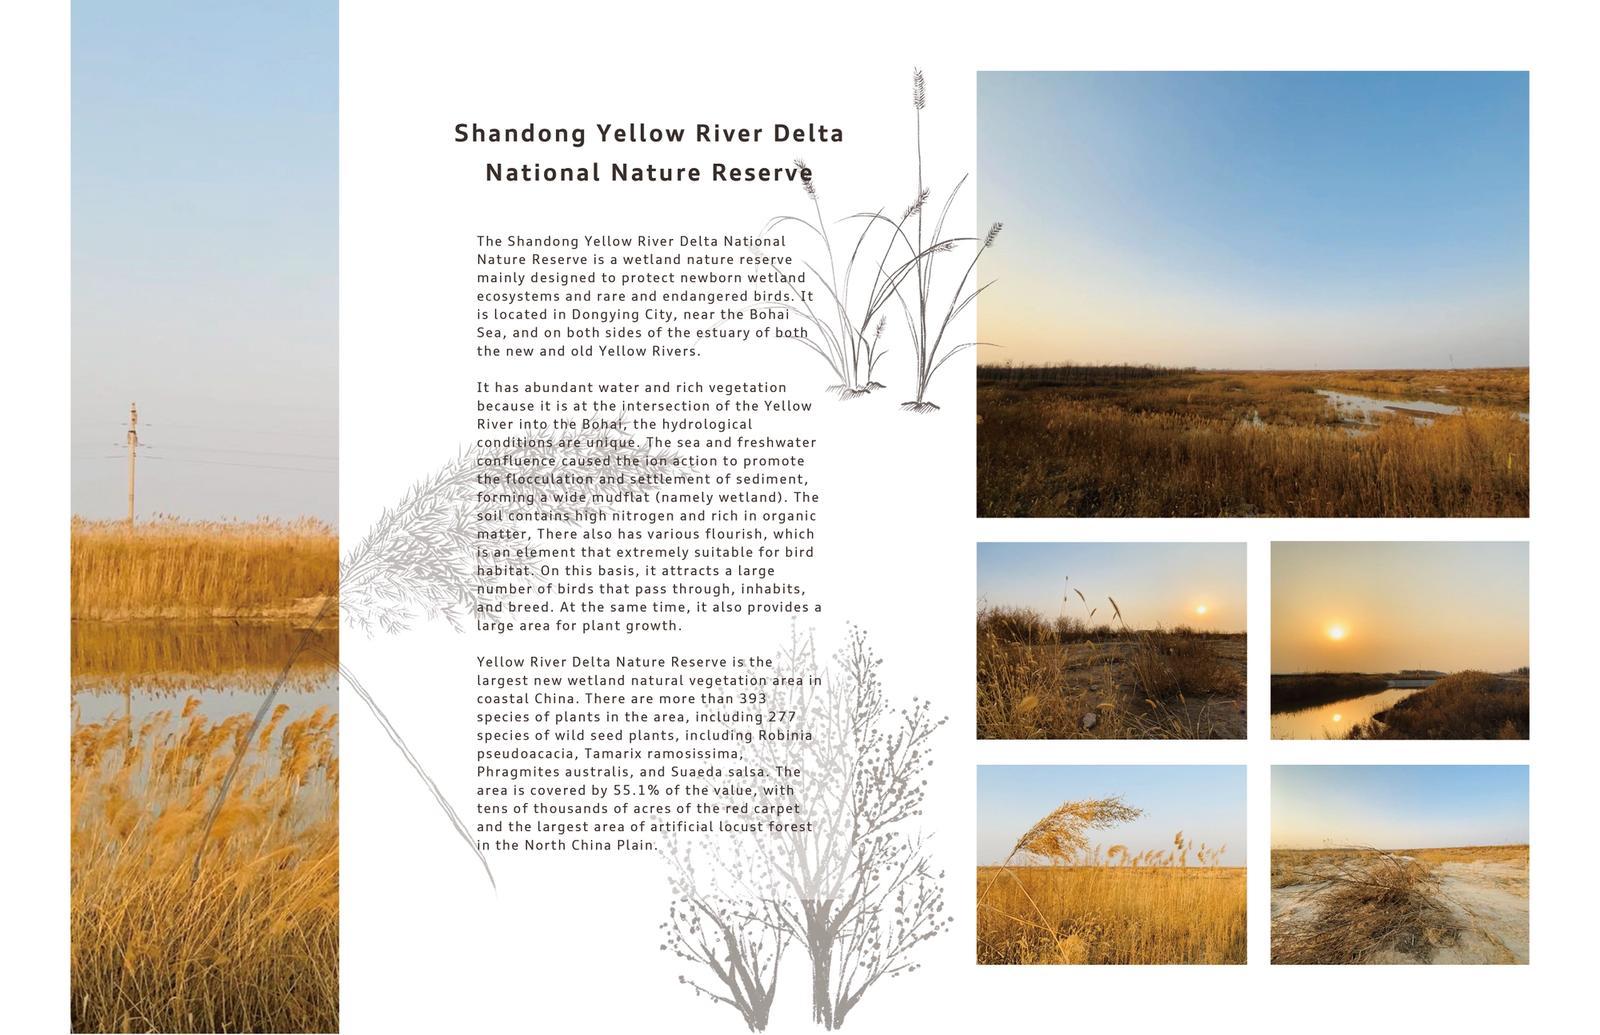 Shandong Yellow River Delta